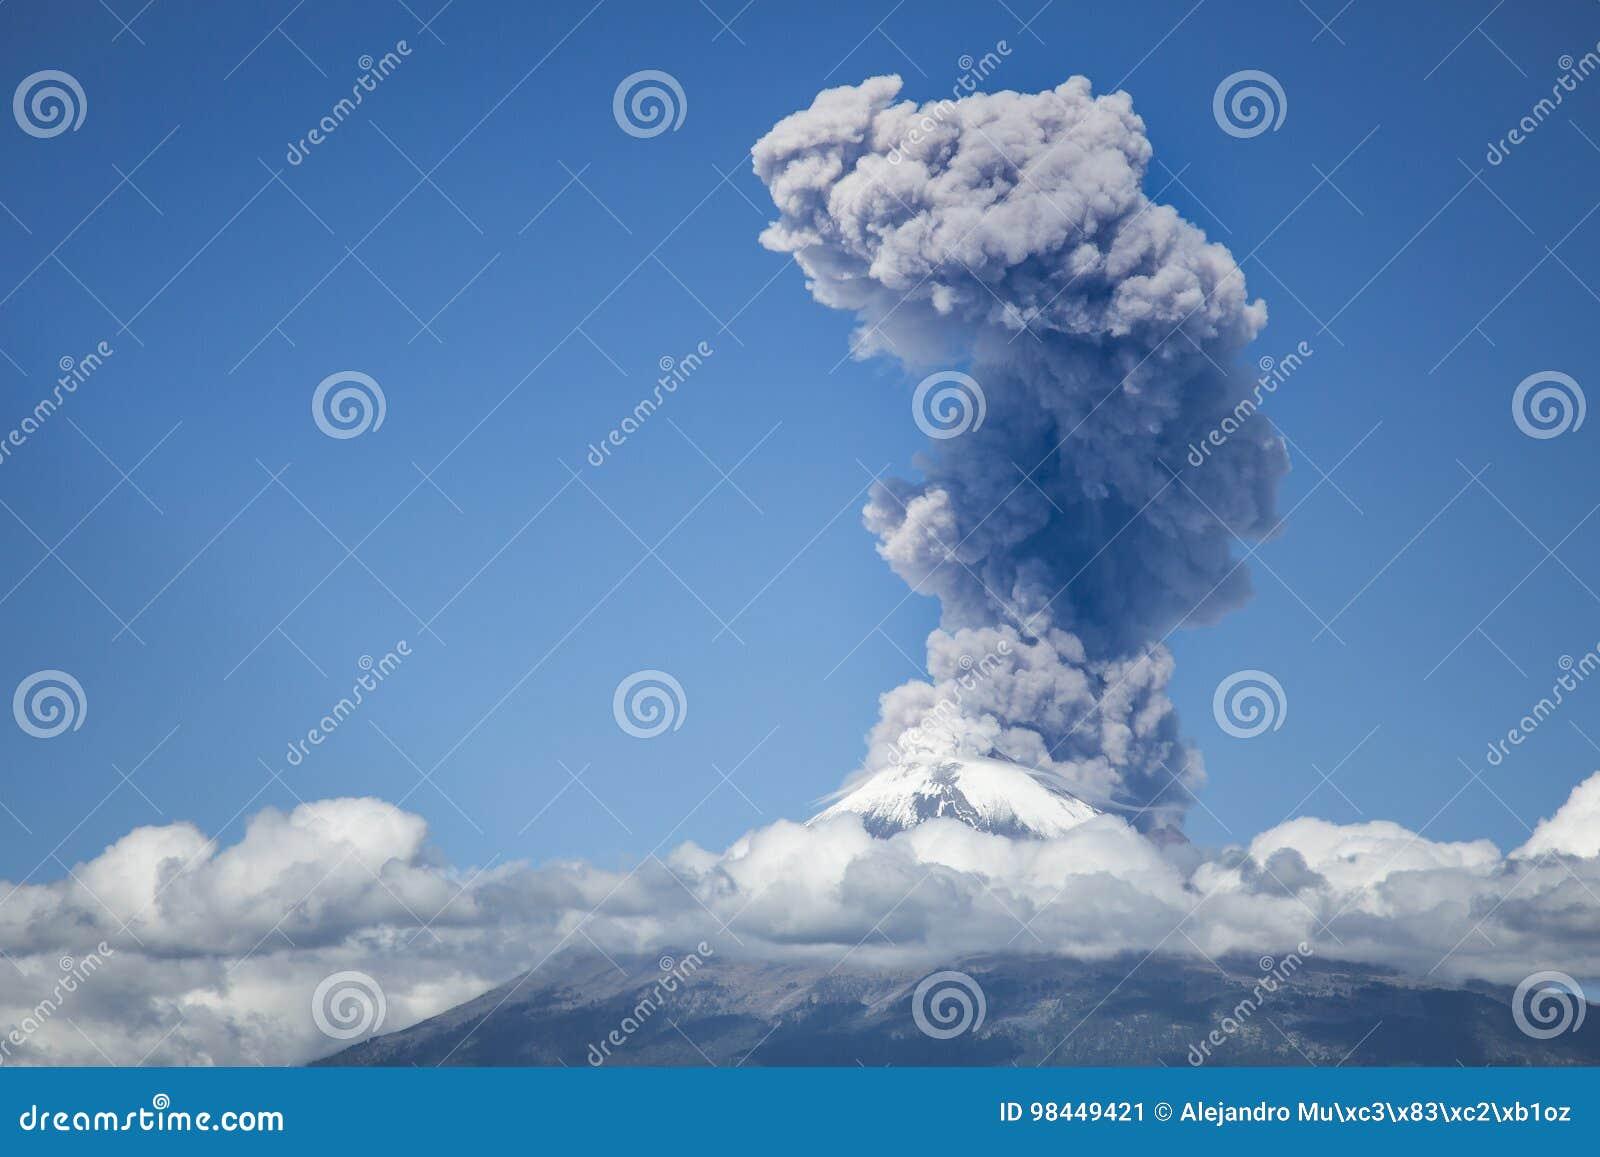 Explosion von popocatepetl Vulkan